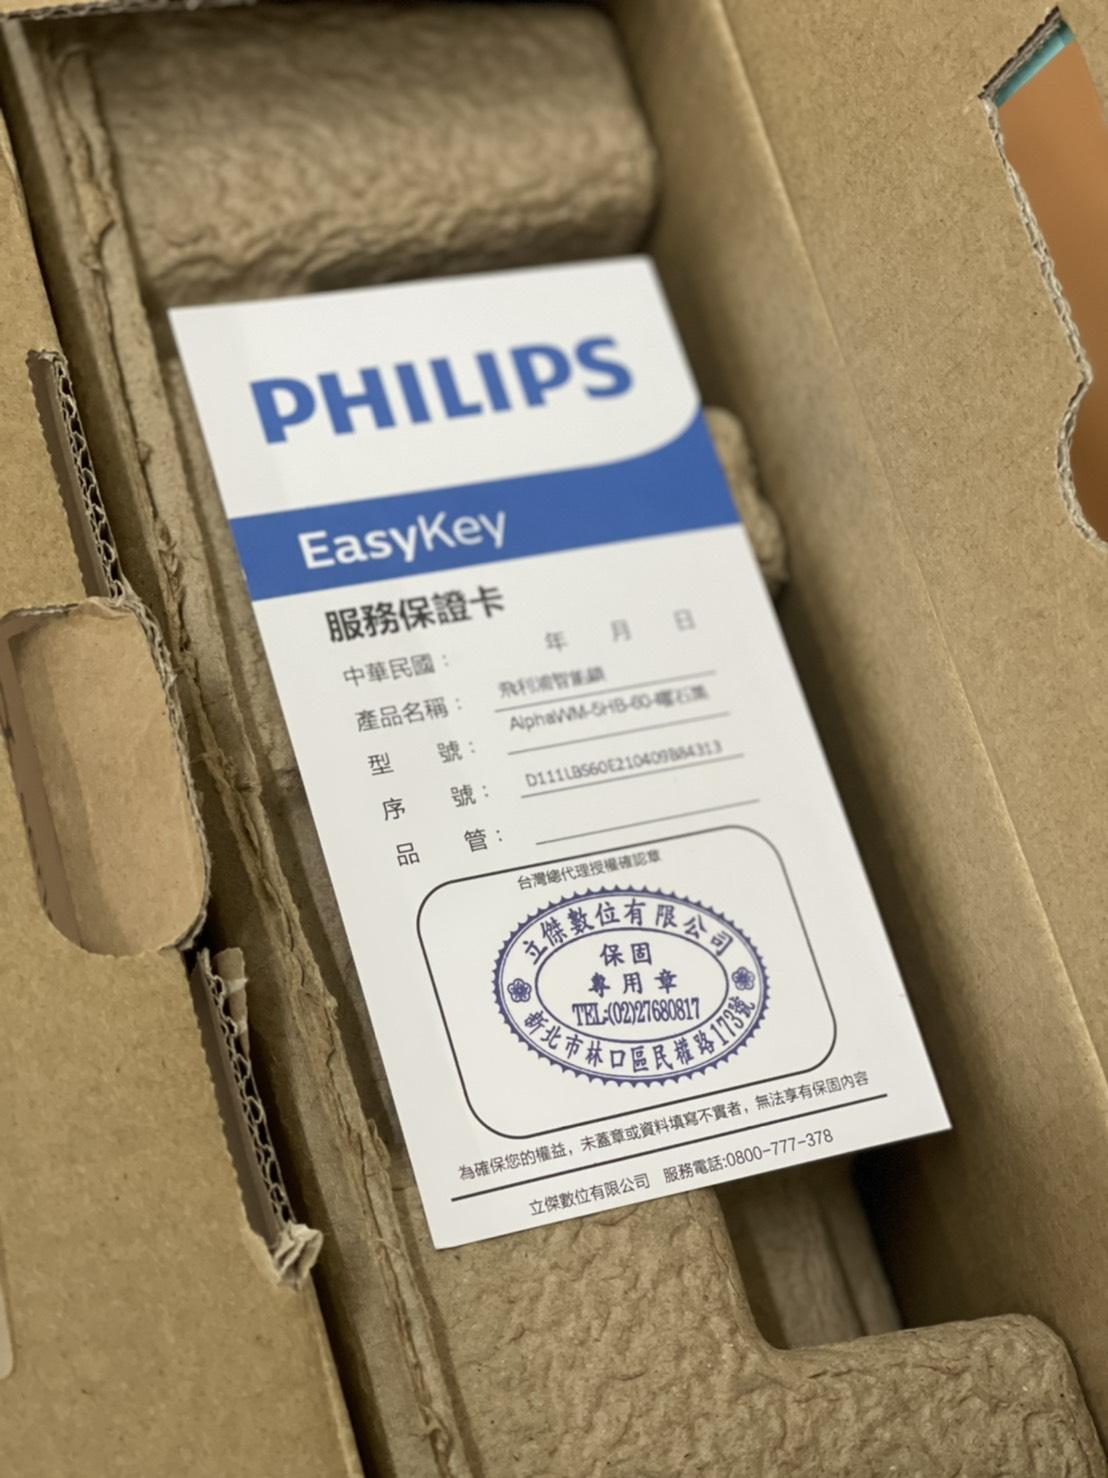 飛利浦電子鎖原廠服務保證卡